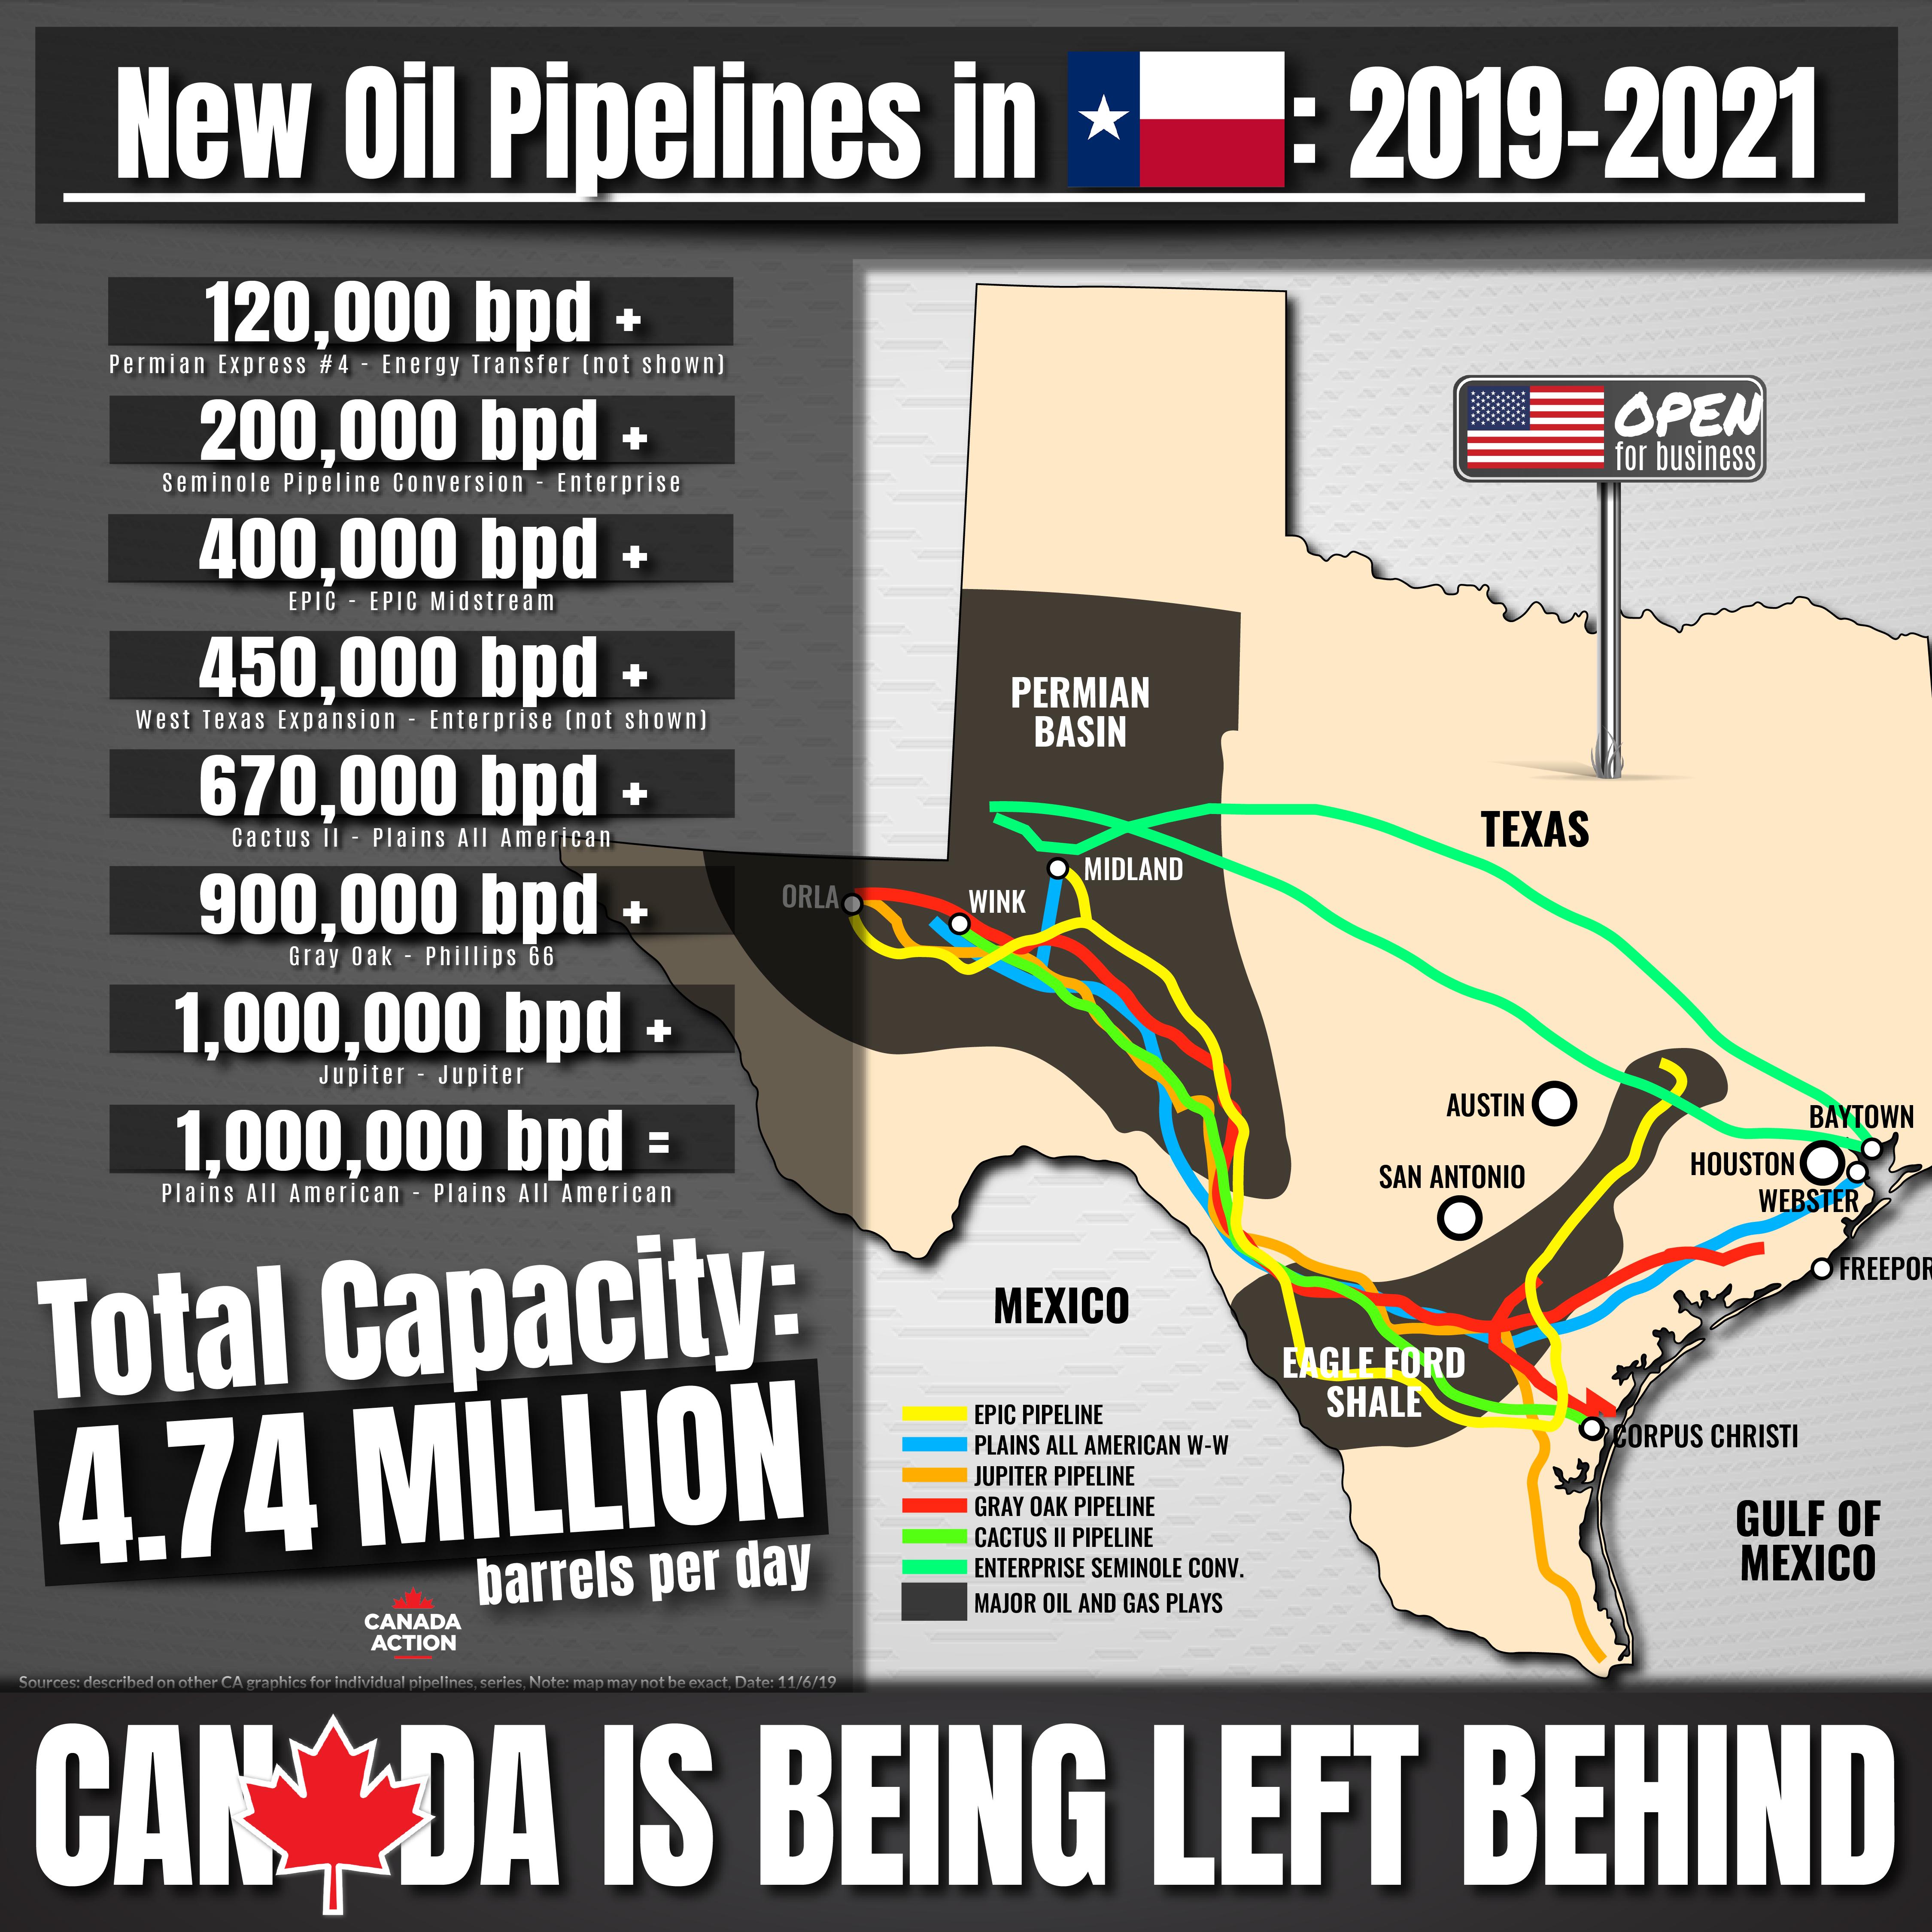 new pipelines underway in texas 2019 - 2021